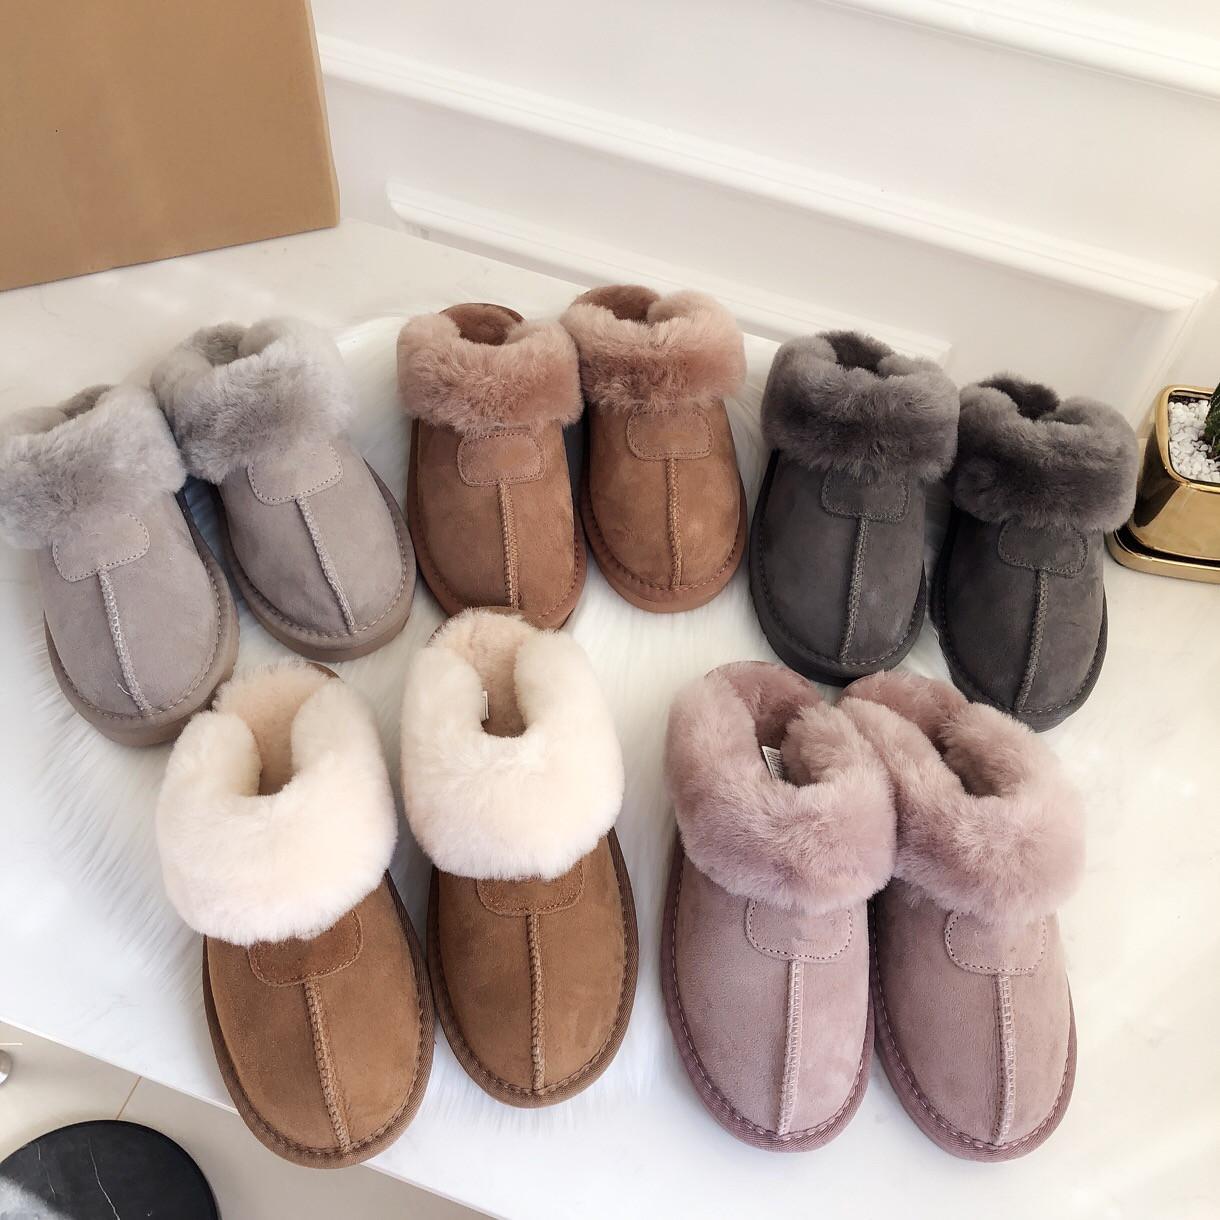 القطن النعال الرجال النساء الثلوج الأحذية الدافئة عارضة داخلي منامة حزب ارتداء غير زلة القطن السحب كبيرة المرأة الأزياء والأحذية حجم 35-45 UG S51250